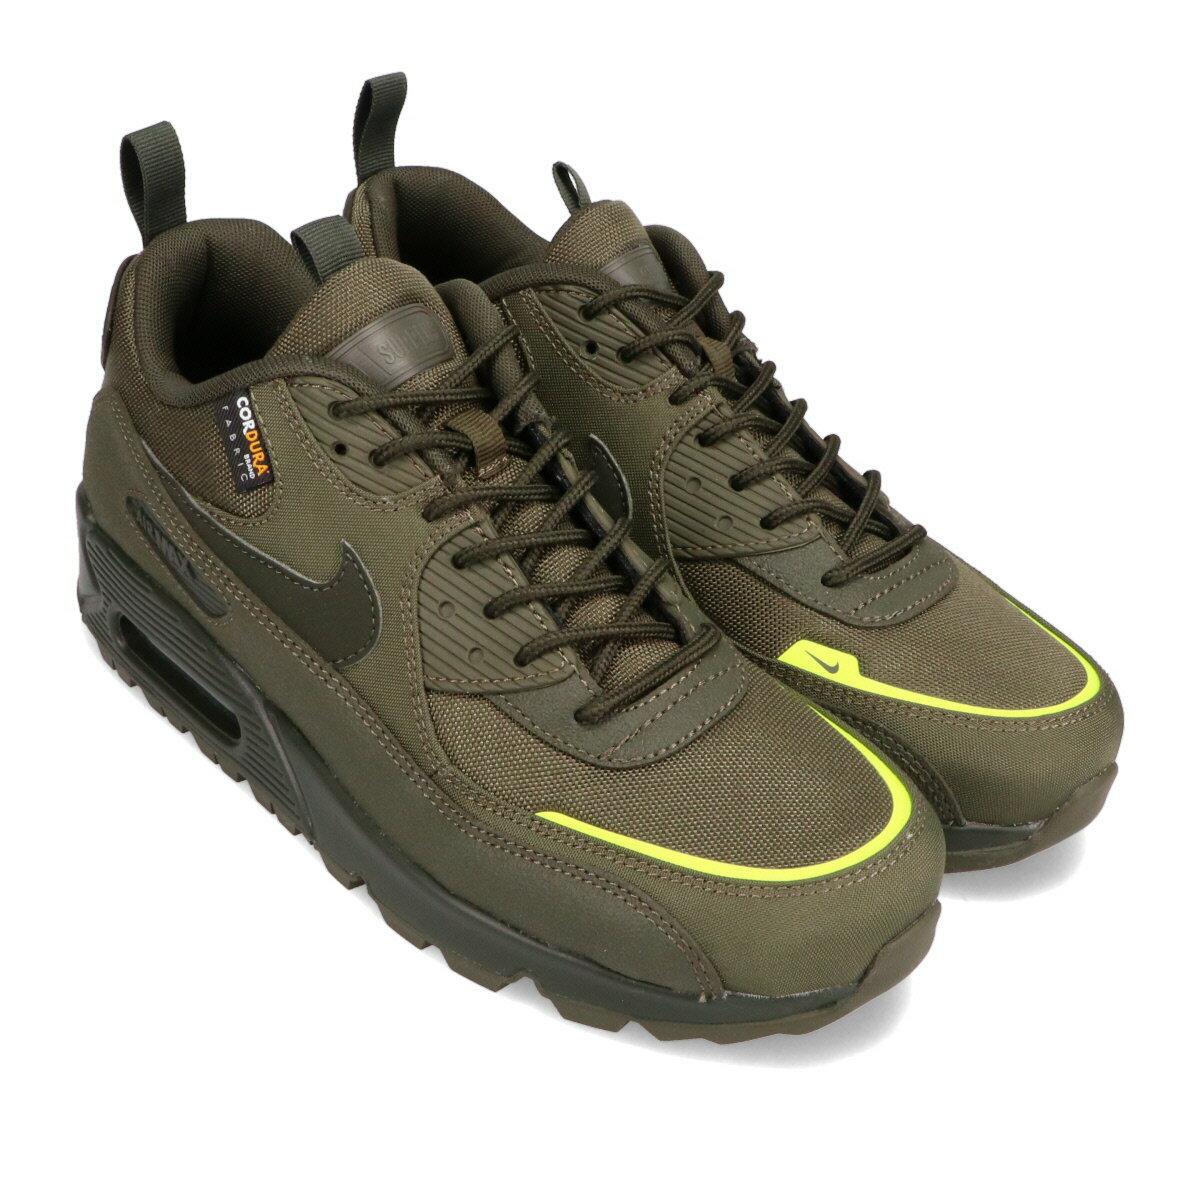 メンズ靴, スニーカー NIKE AIR MAX 90 SURPLUS( 90 )CARGO KHAKISEQUOIA-LEMON VENOM 20HO-I